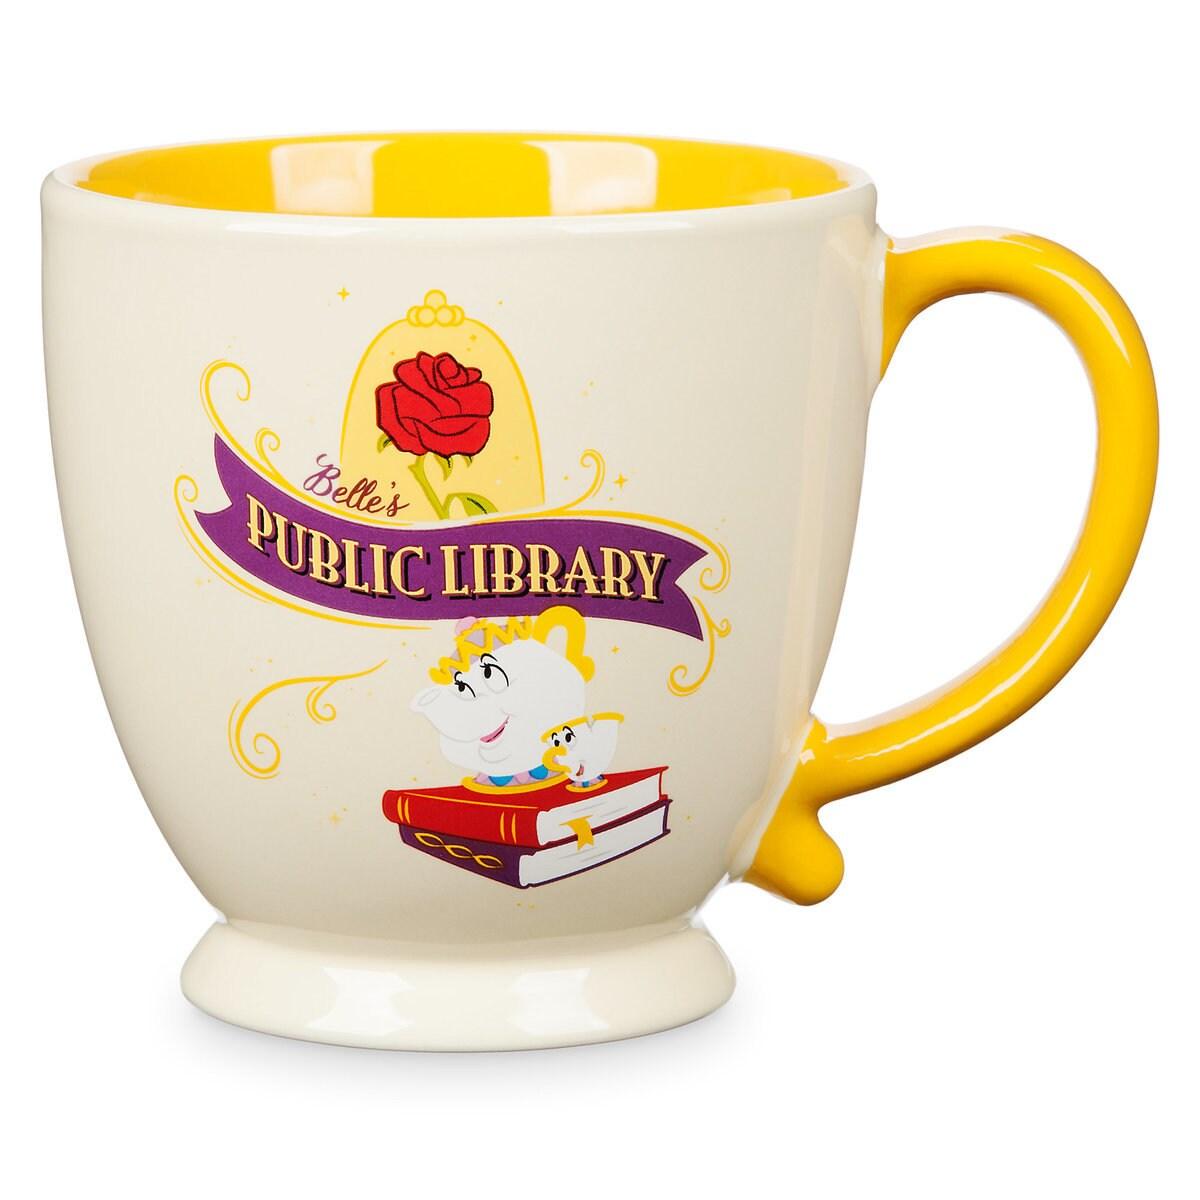 Image result for belles public library mug